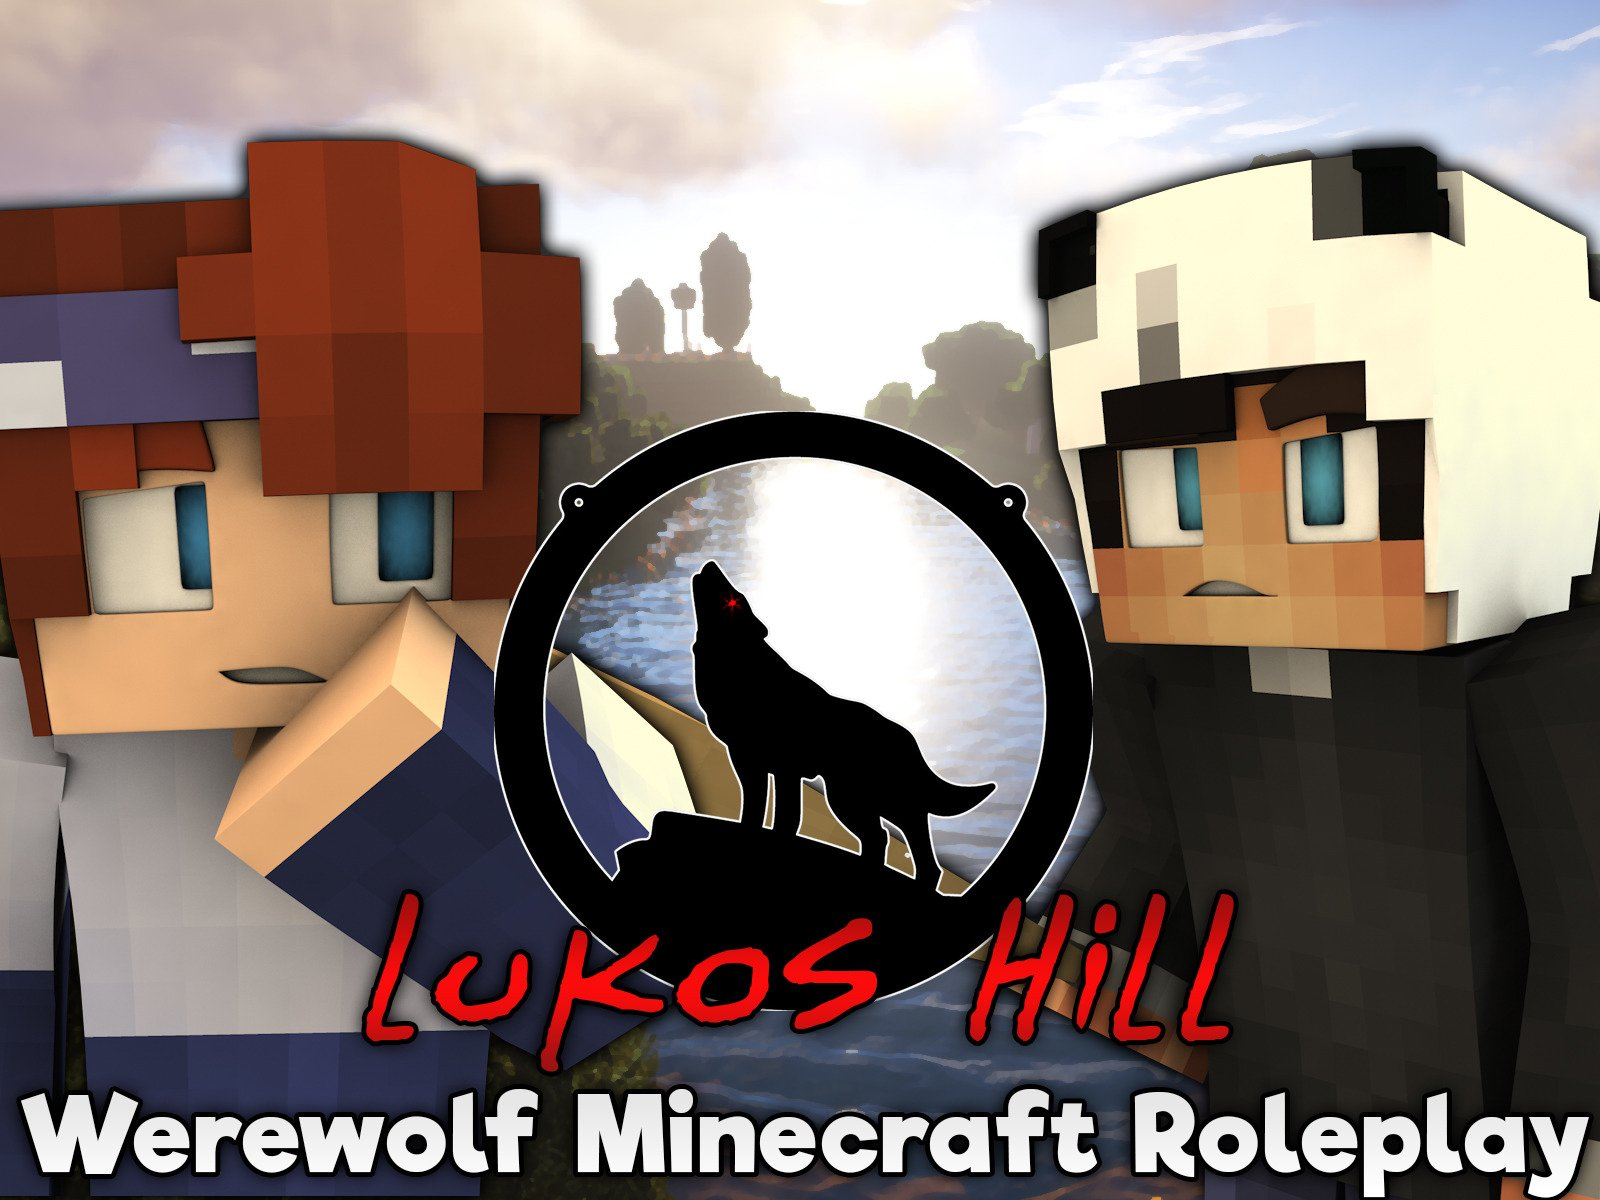 Lukos Hill (Minecraft Werewolf Roleplay)